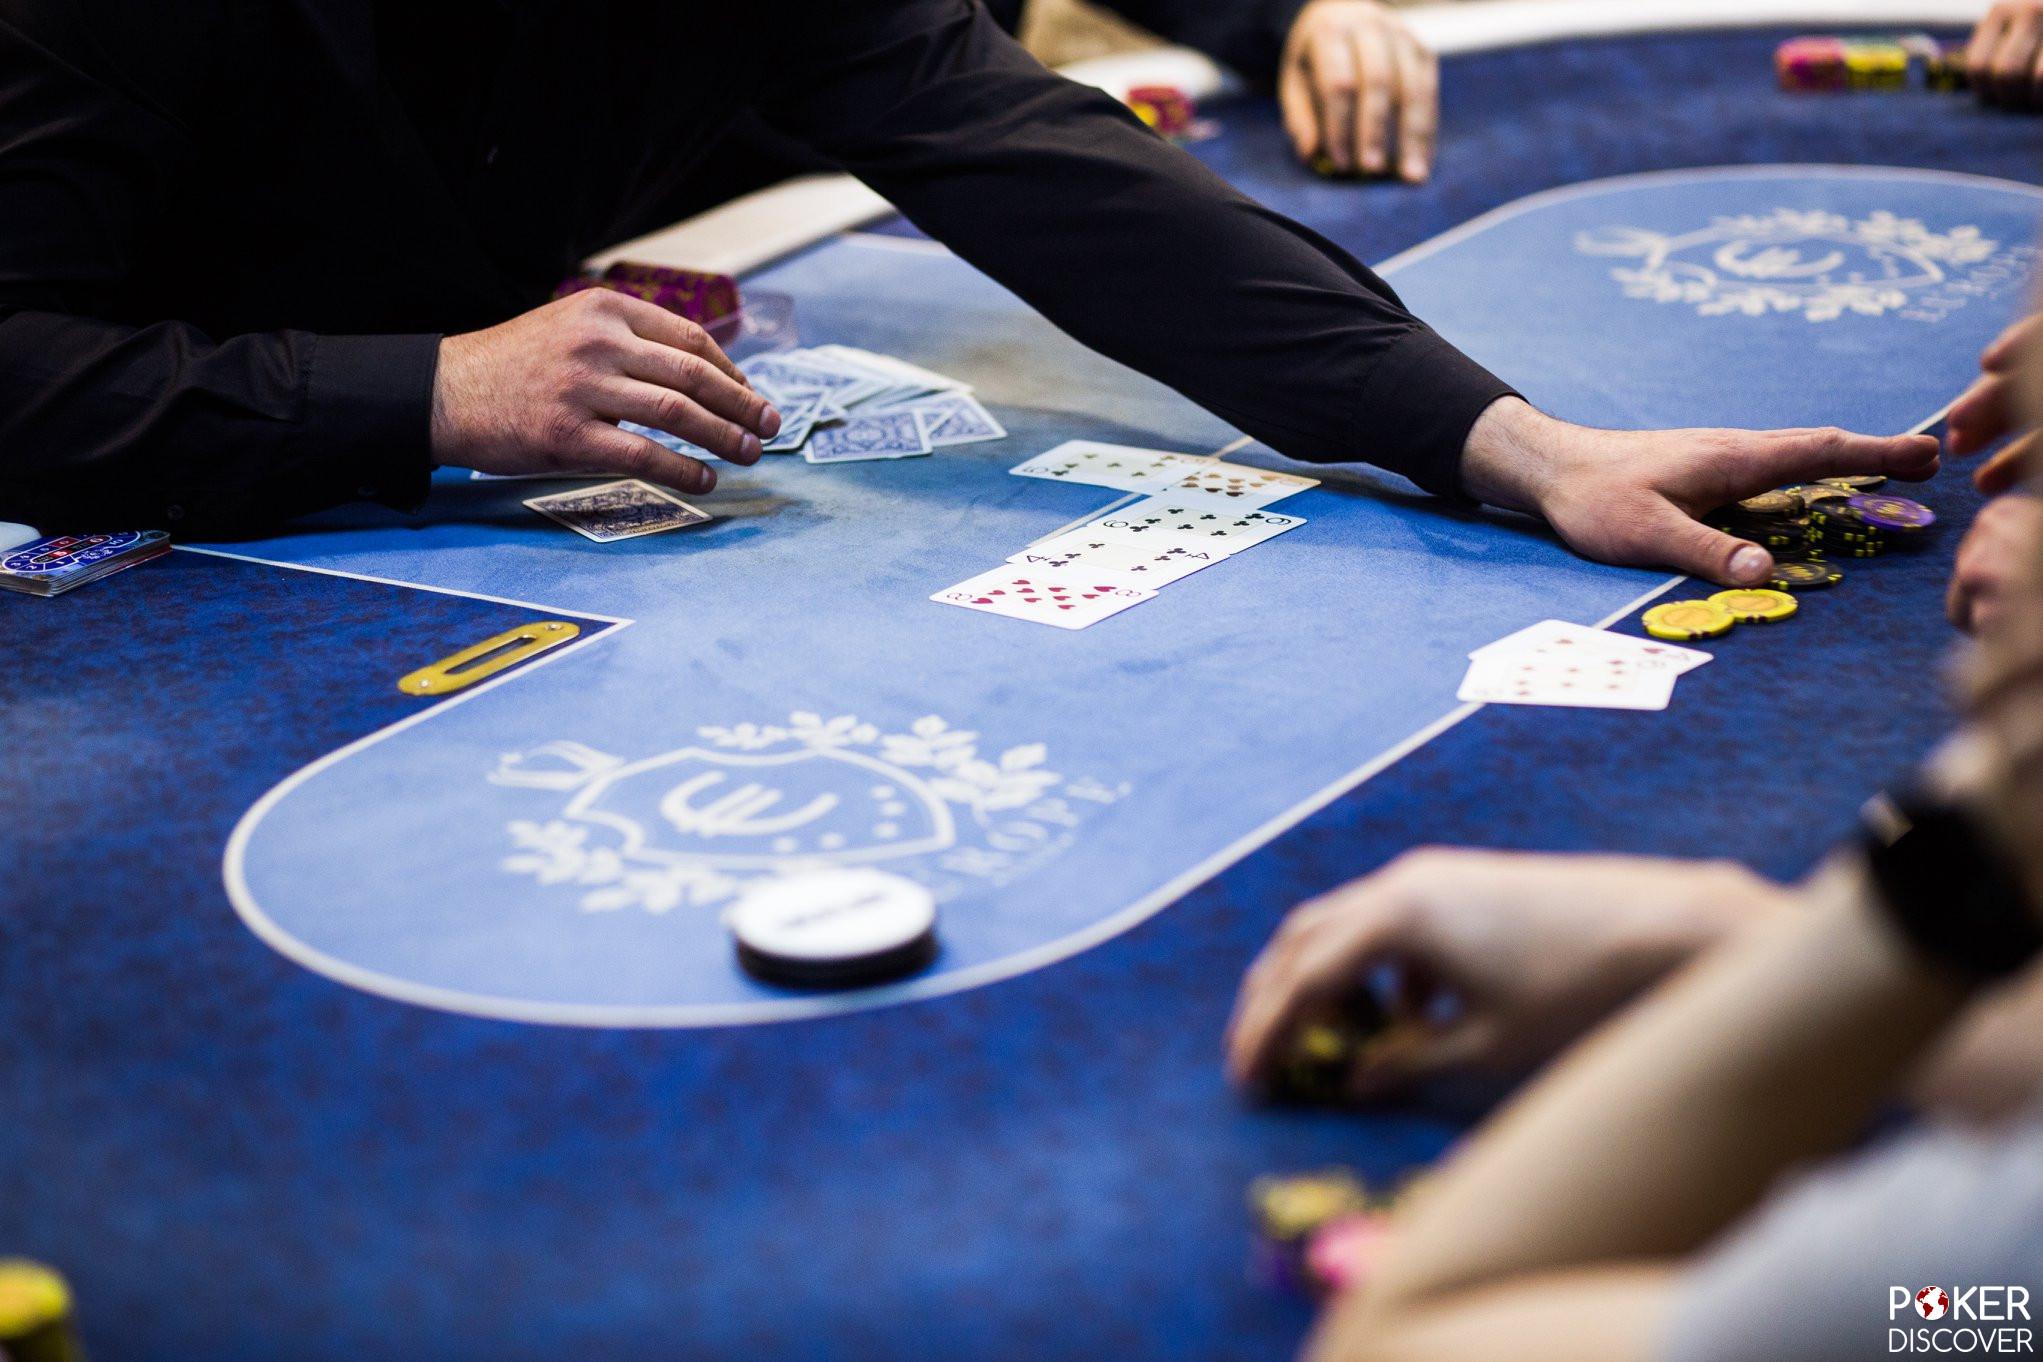 Покер киев онлайн обман игровых аппаратов в казино